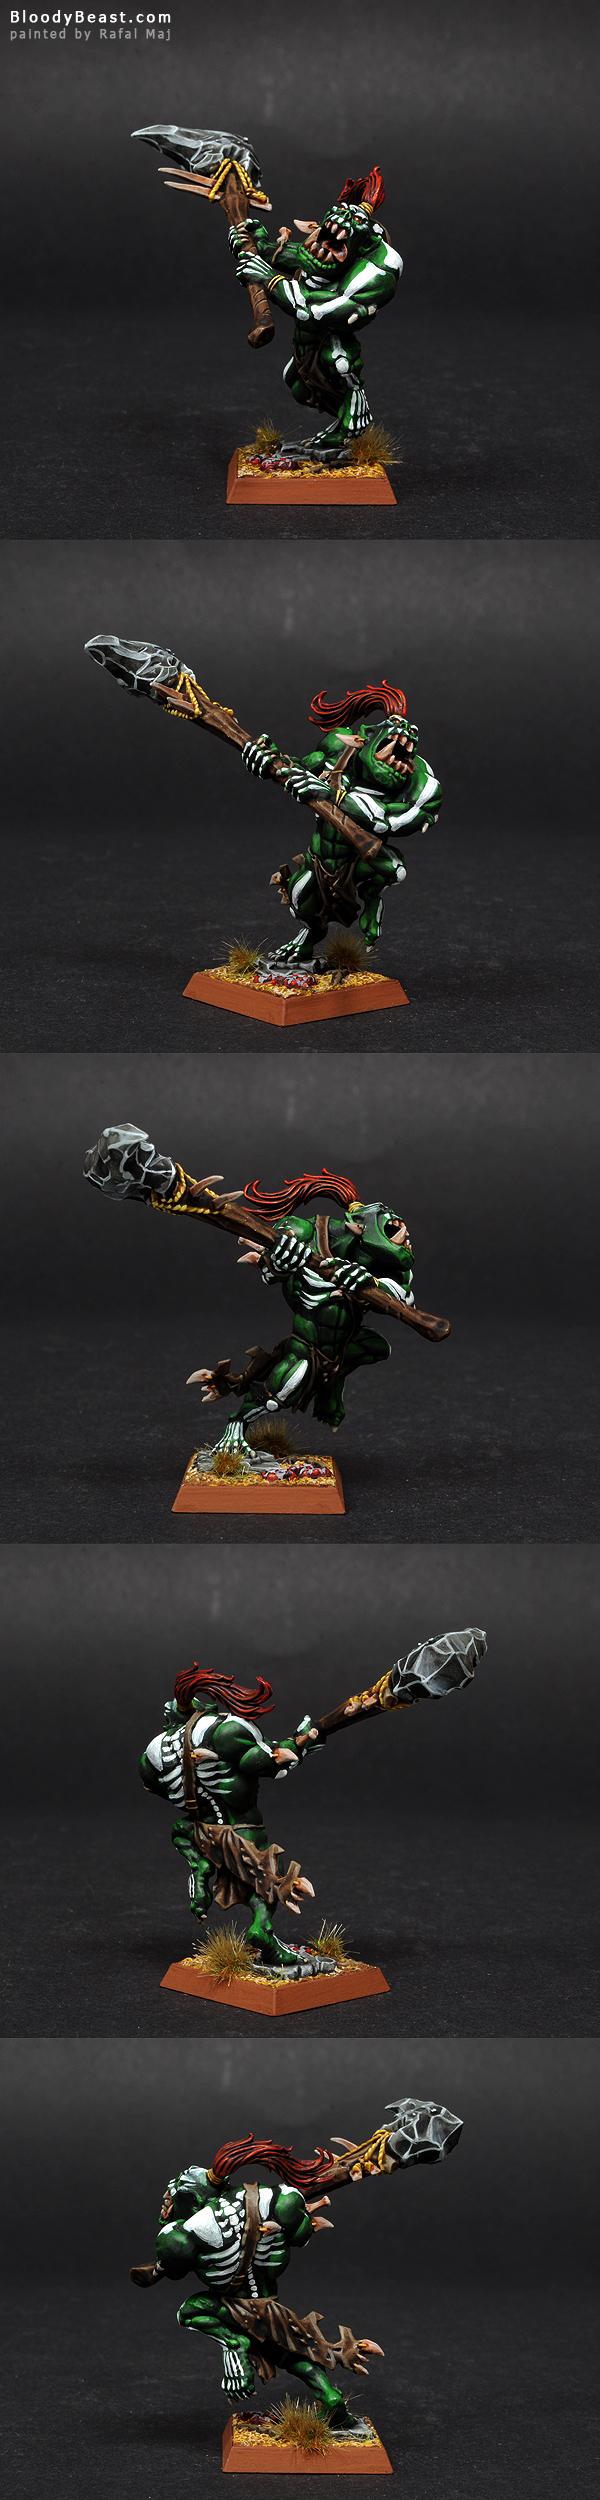 Savage Orc Warboss painted by Rafal Maj (BloodyBeast.com)